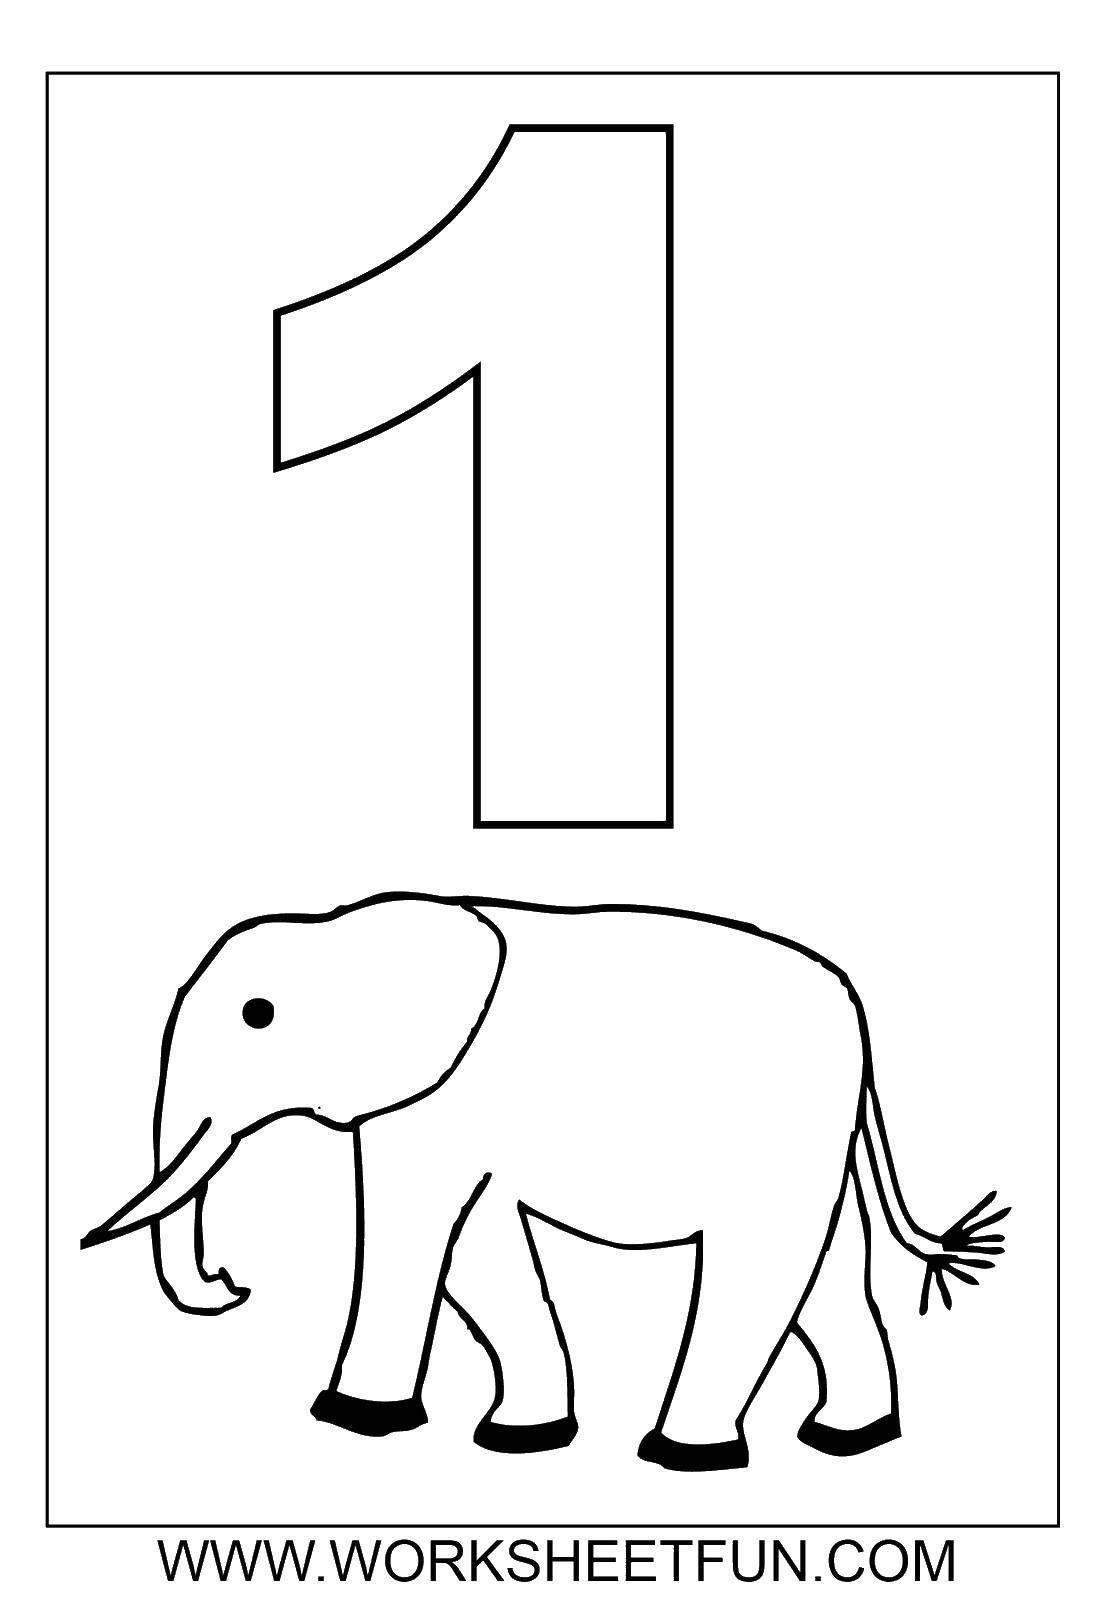 Раскраска Один слоник Скачать Цифры, счёт, числа.  Распечатать ,Цифры,